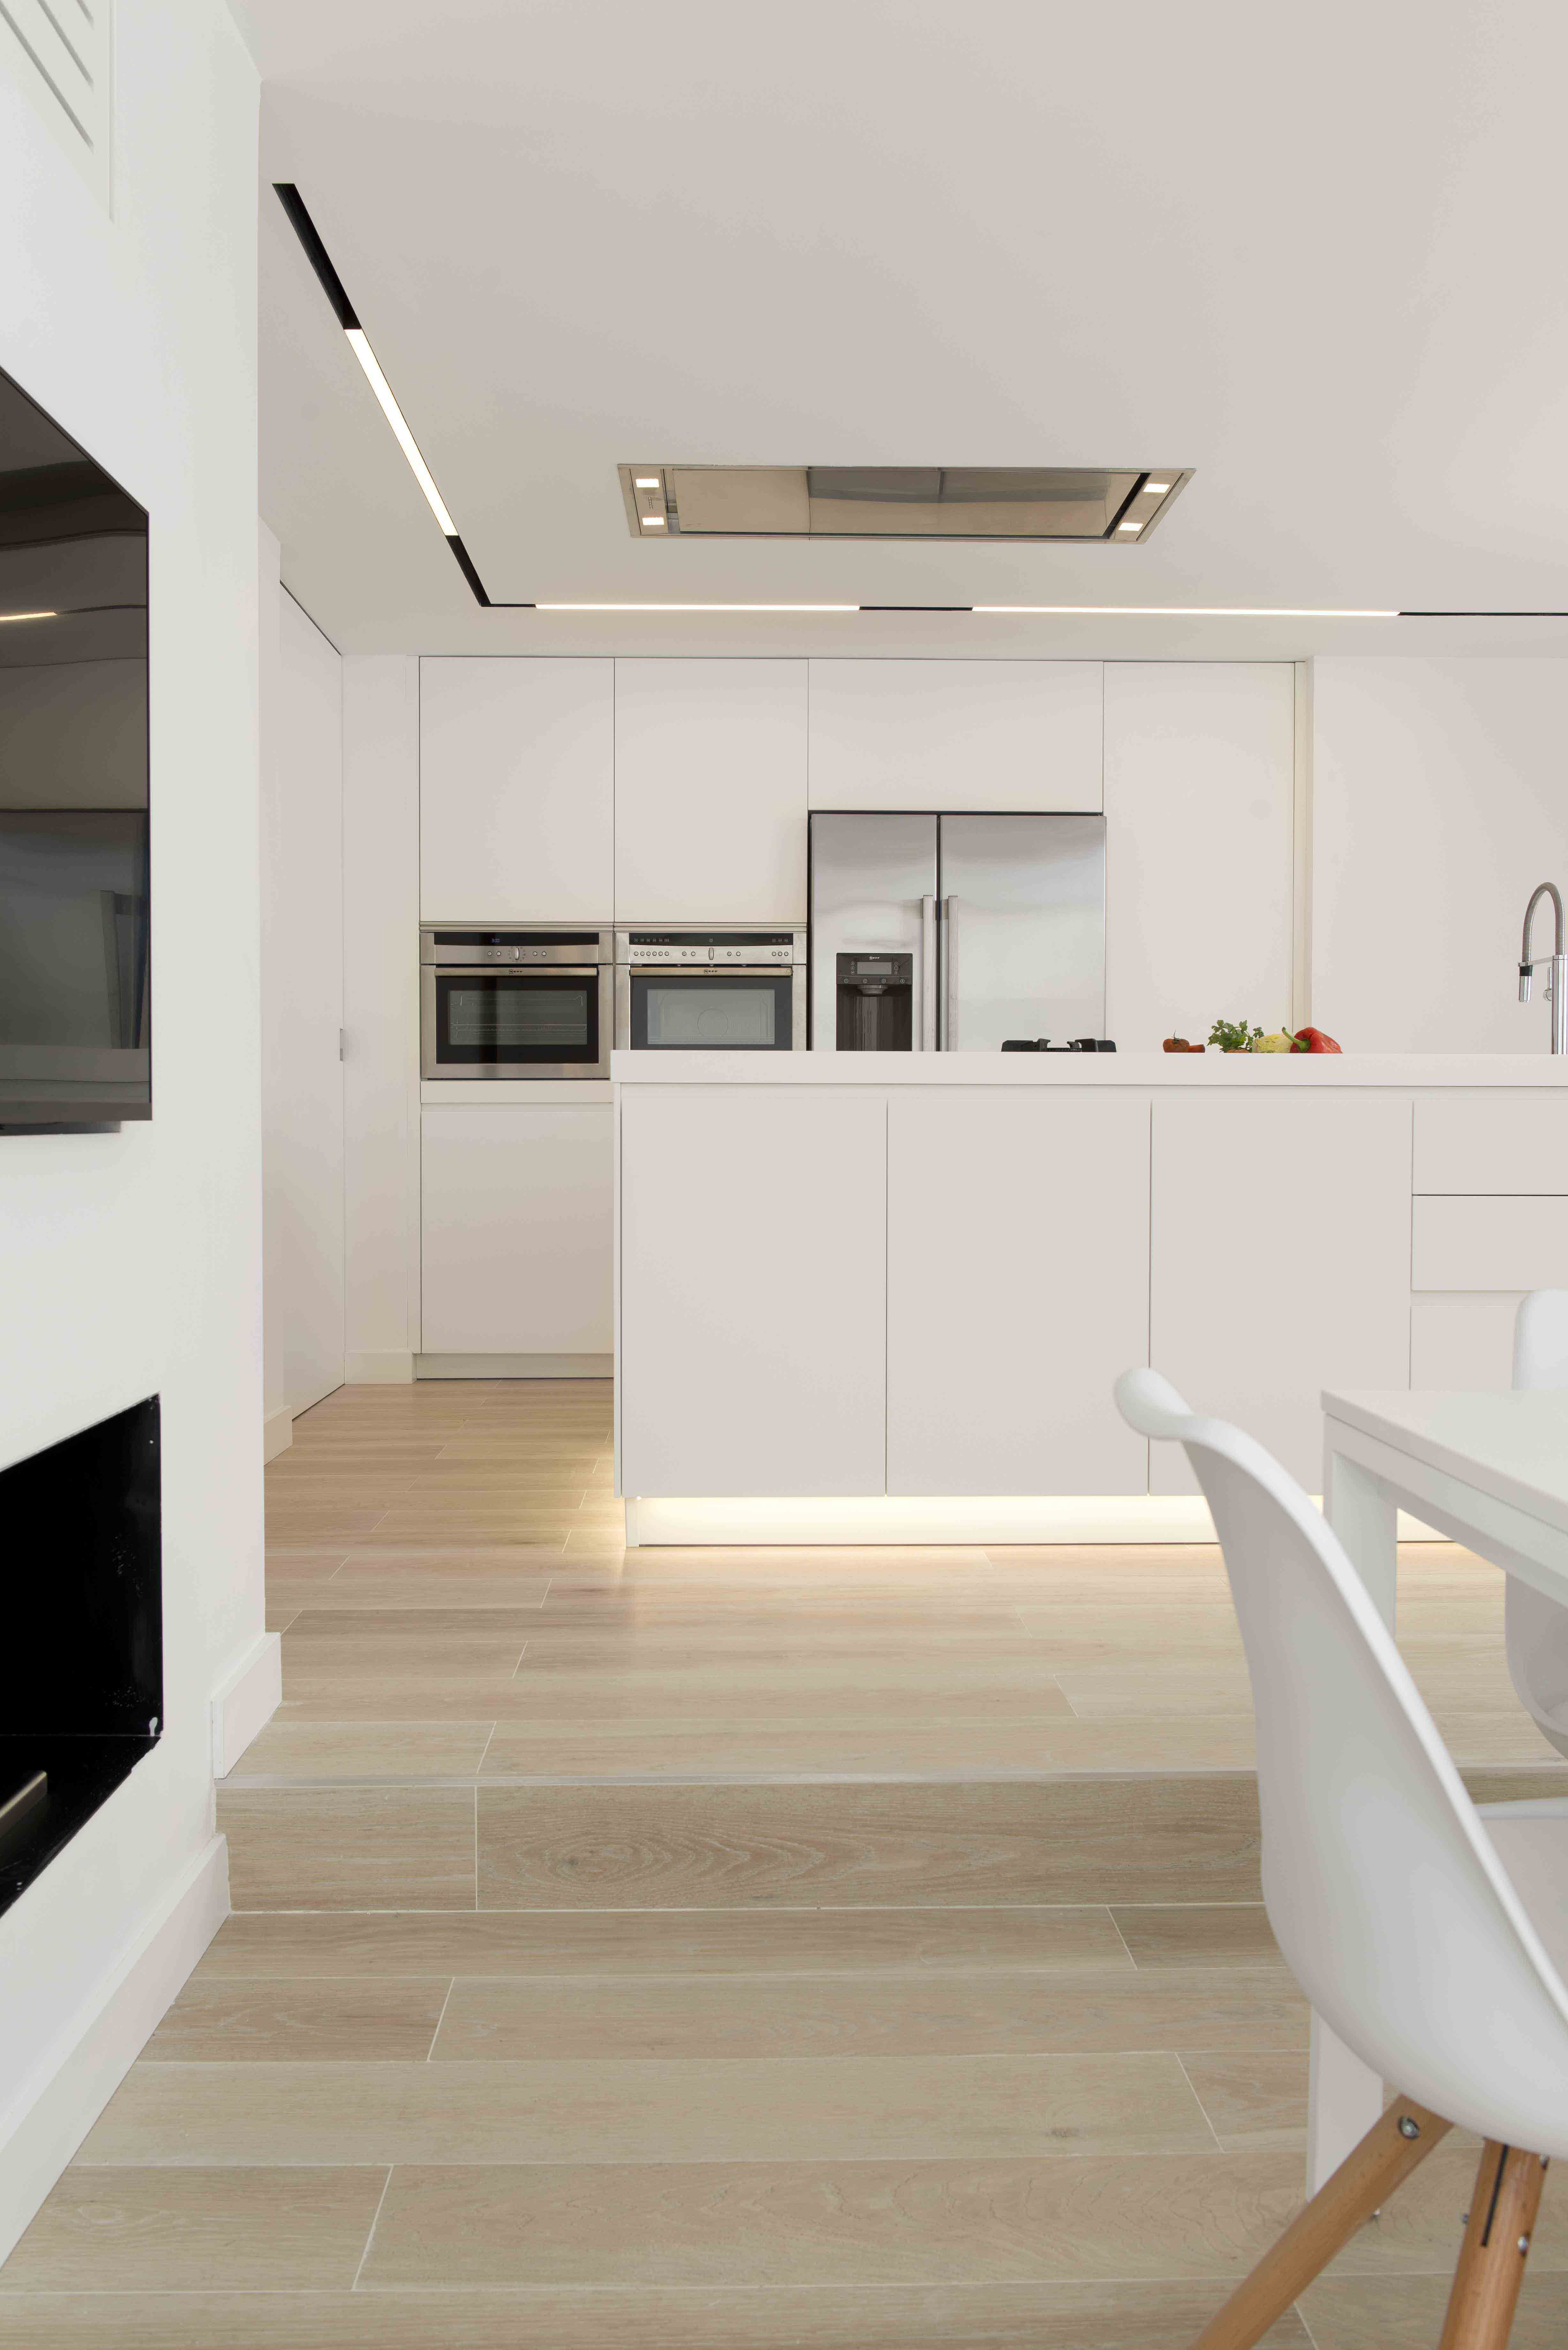 Cocina Blanca Con Isla Una Moderna Cocina Blanca Con Suelo De